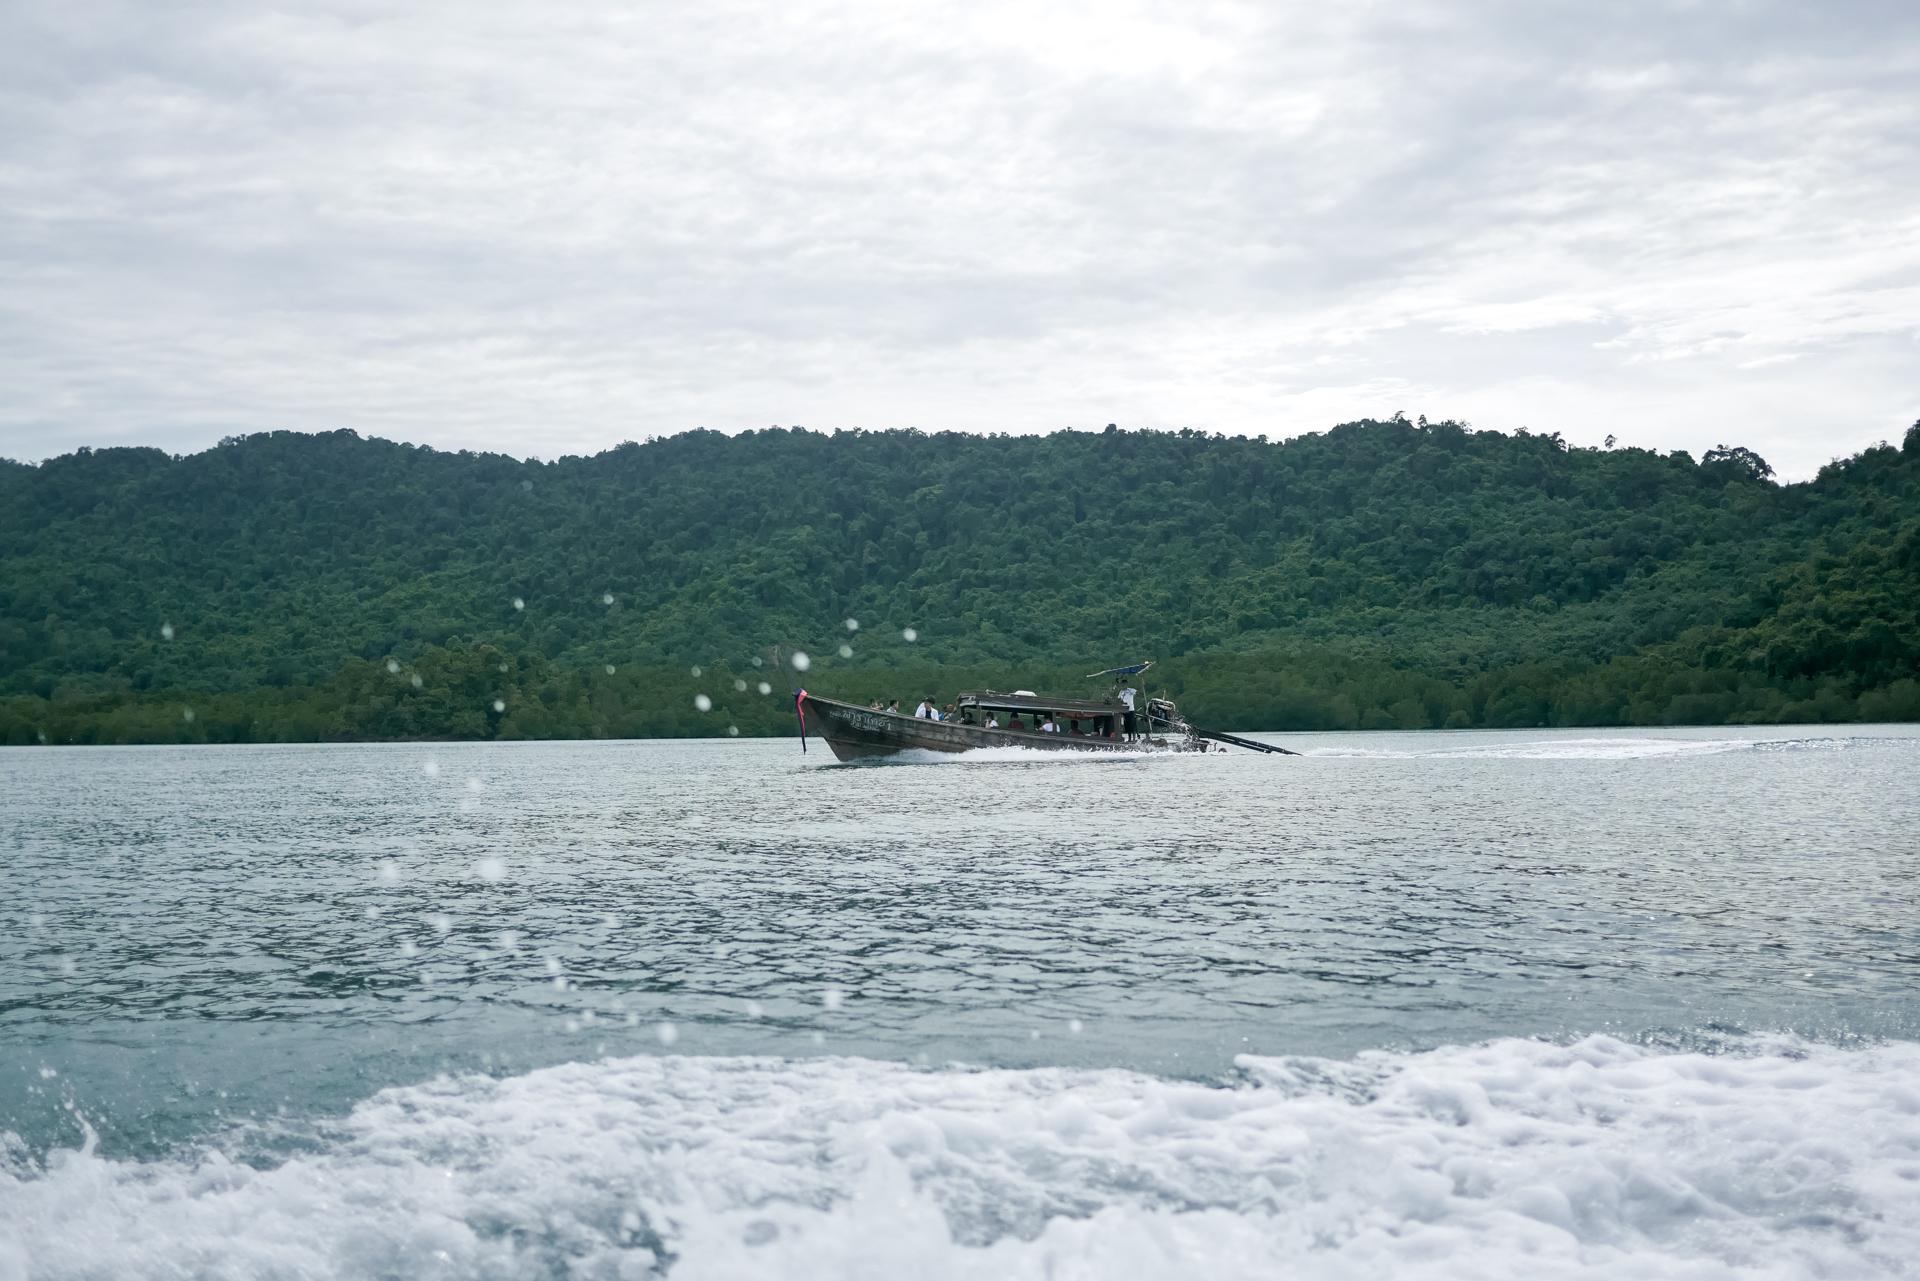 เกาะยาวน้อย ทริปใกล้ชิดธรรมชาติ สัมผัสวิถีชีวิตชุมชนชาวเกาะ